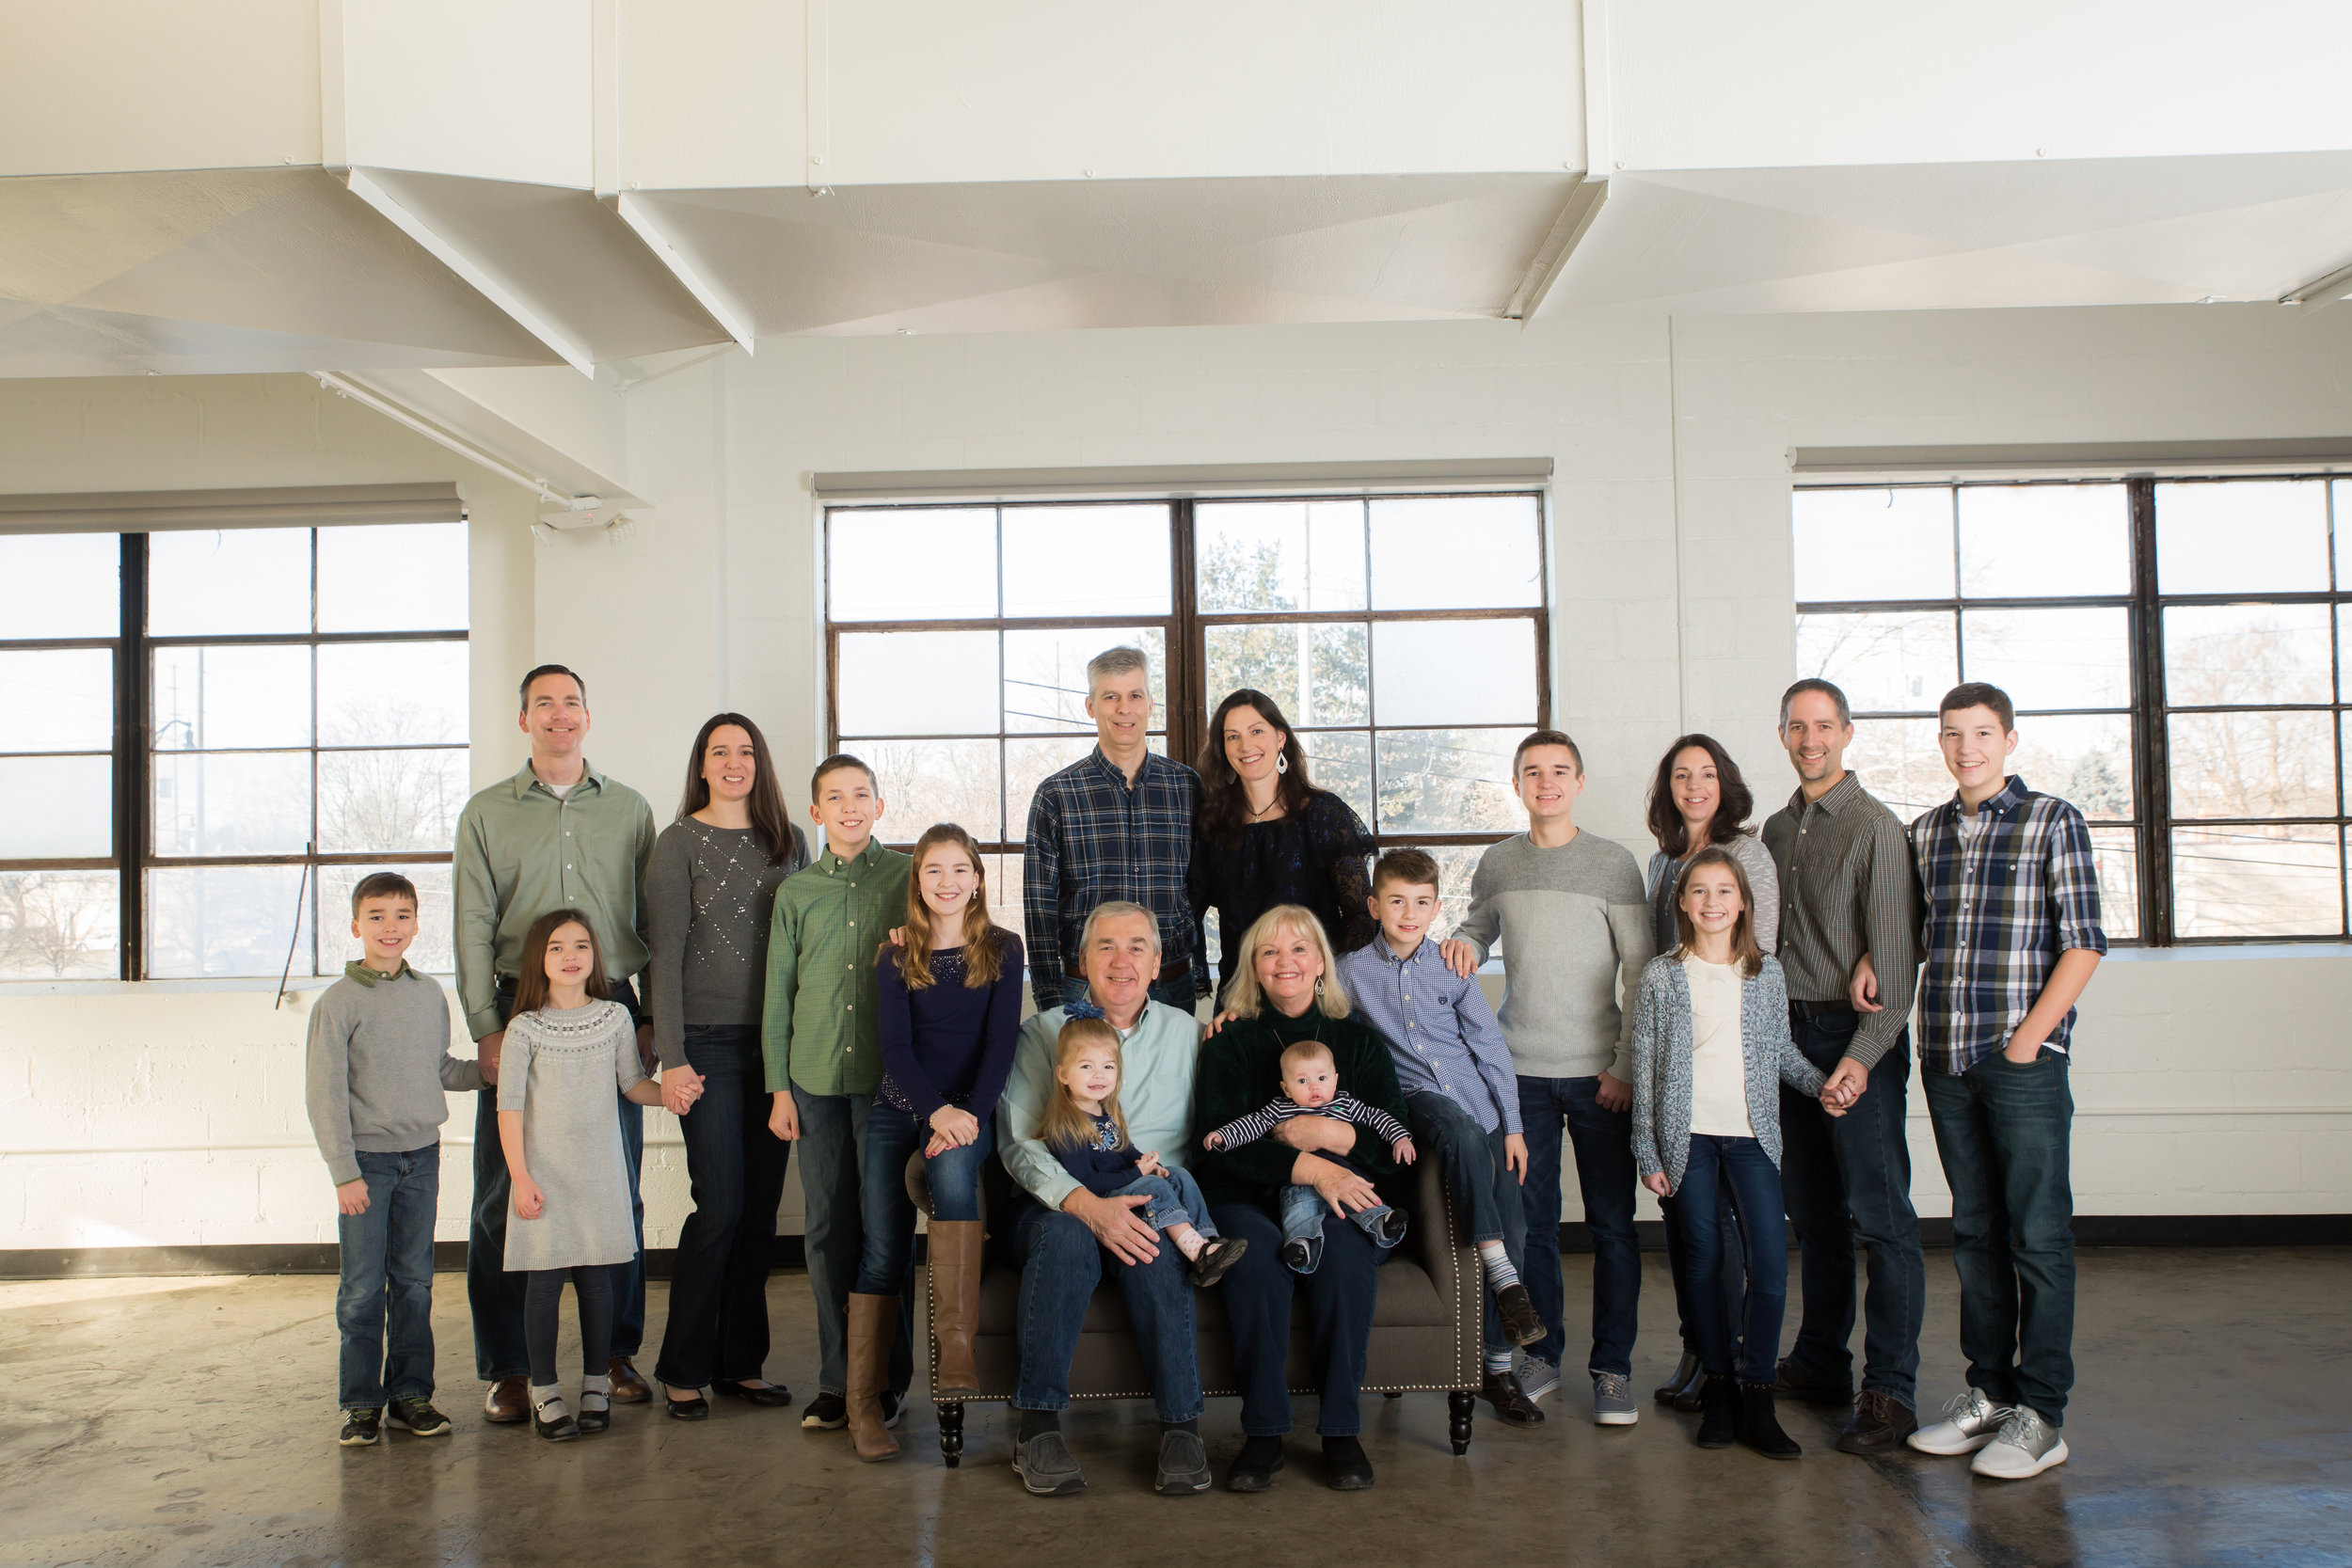 extended family photo shoot gahanna ohio